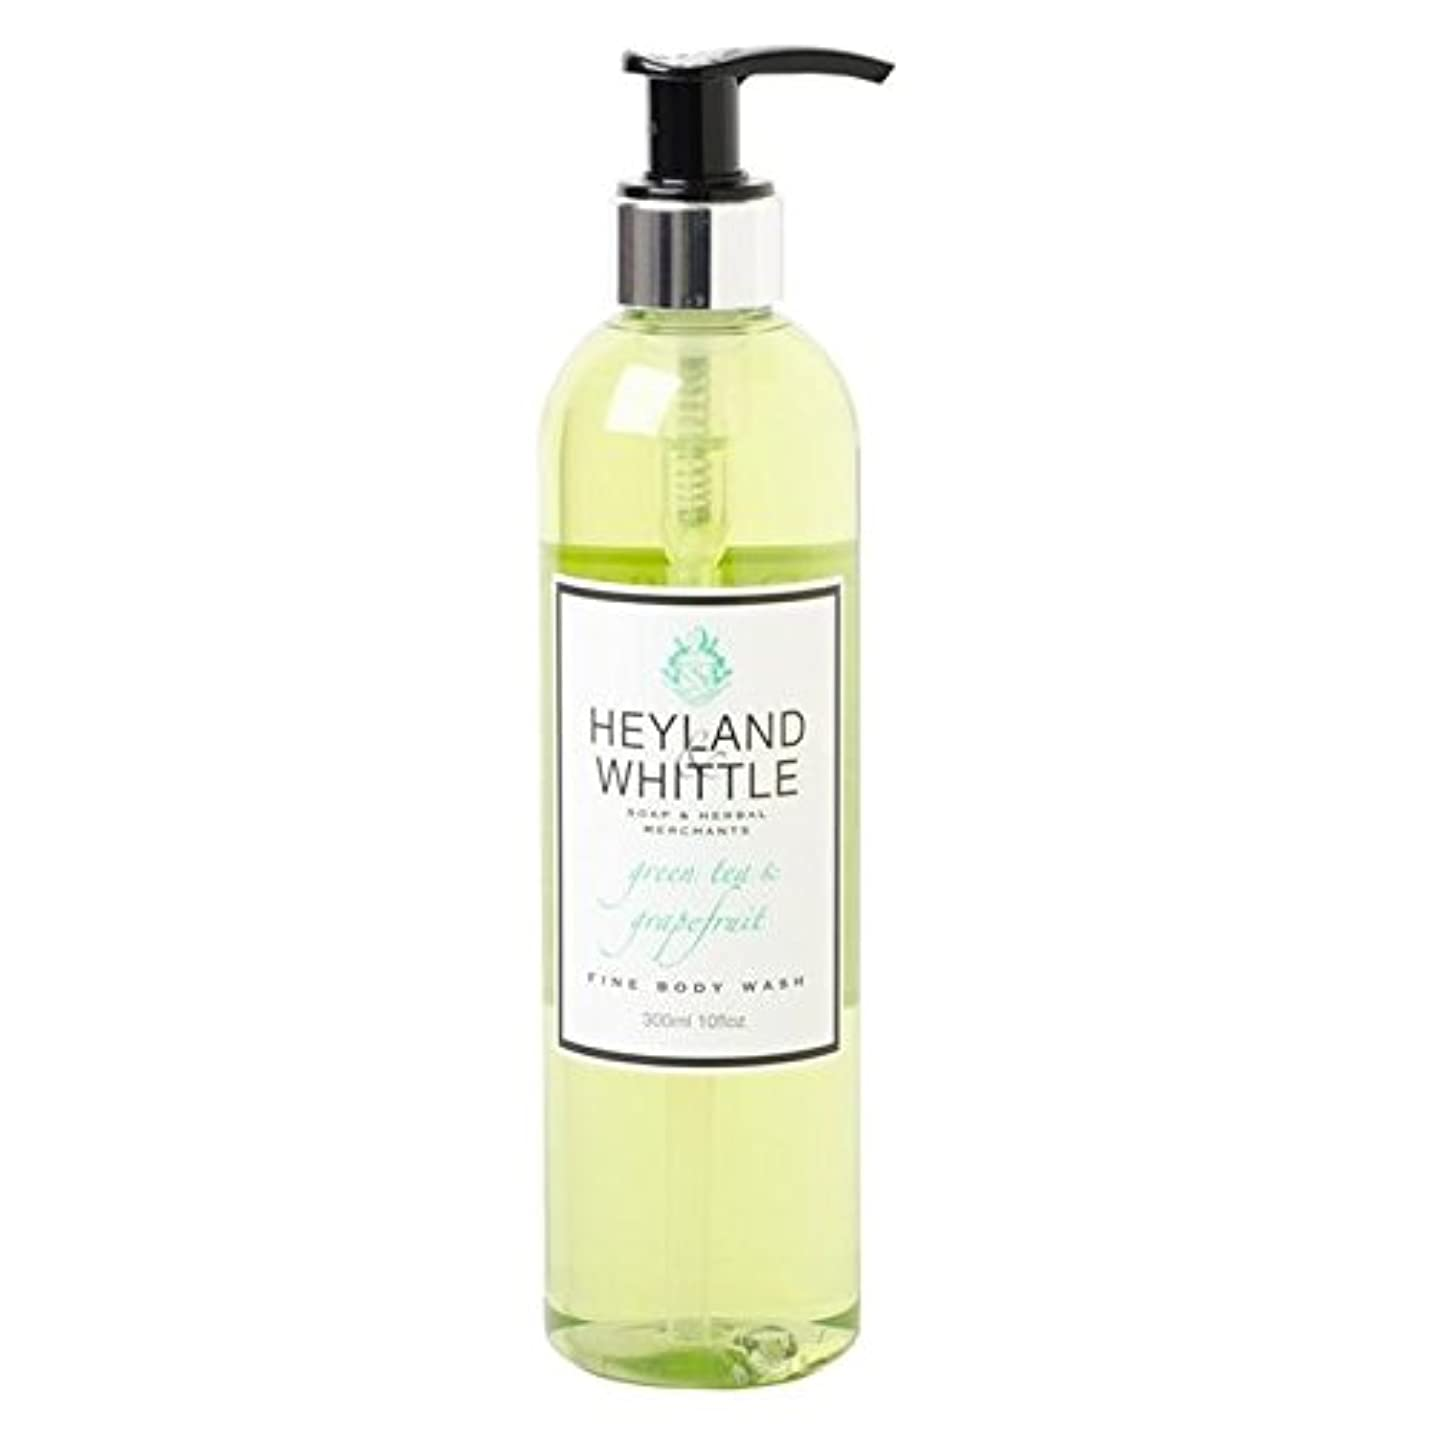 鉛知らせるゲートウェイ&削るグリーンティ&グレープフルーツボディウォッシュ300ミリリットル x2 - Heyland & Whittle Greentea & Grapefruit Body Wash 300ml (Pack of 2) [...